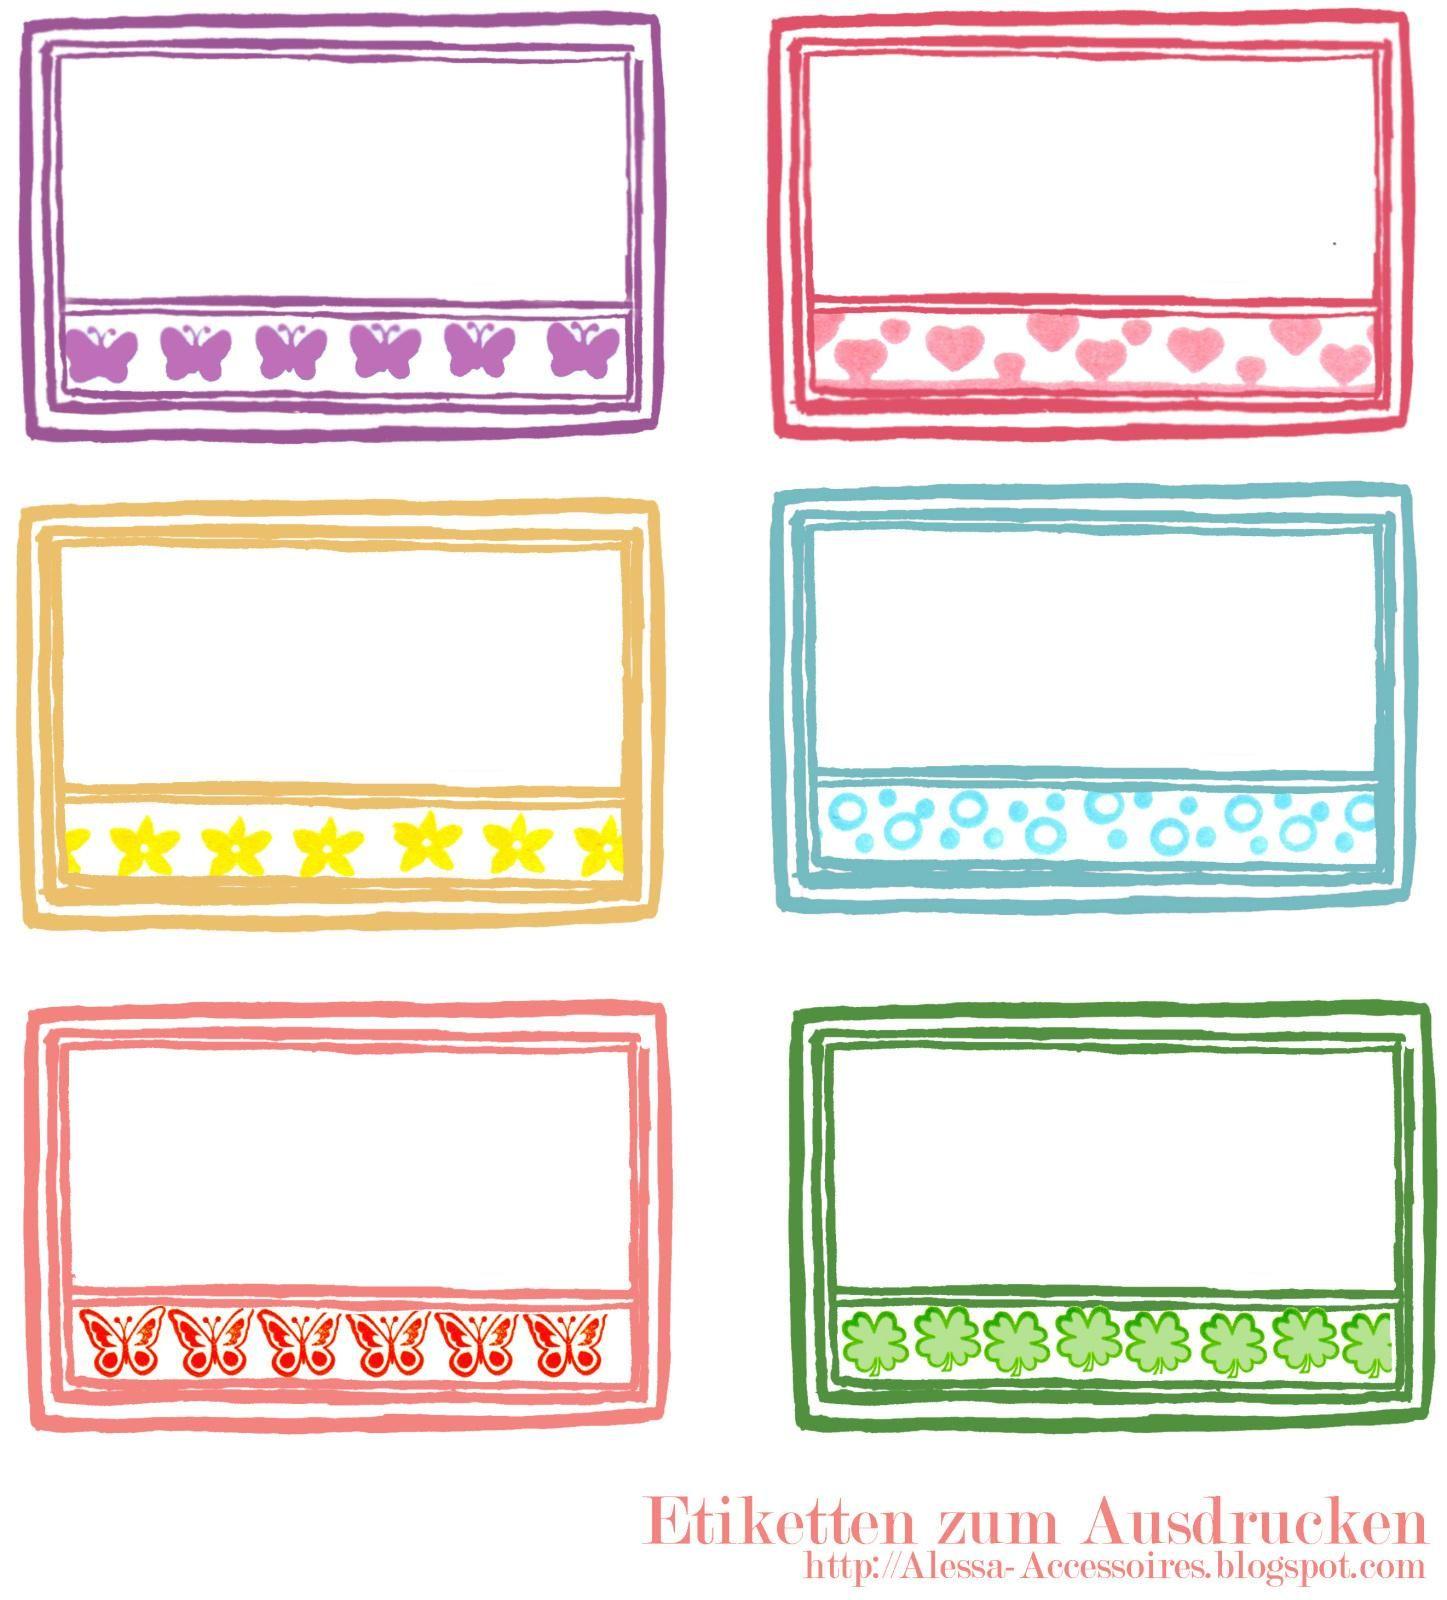 freebie] Etiketten zum Ausdrucken | Etiketten | Pinterest